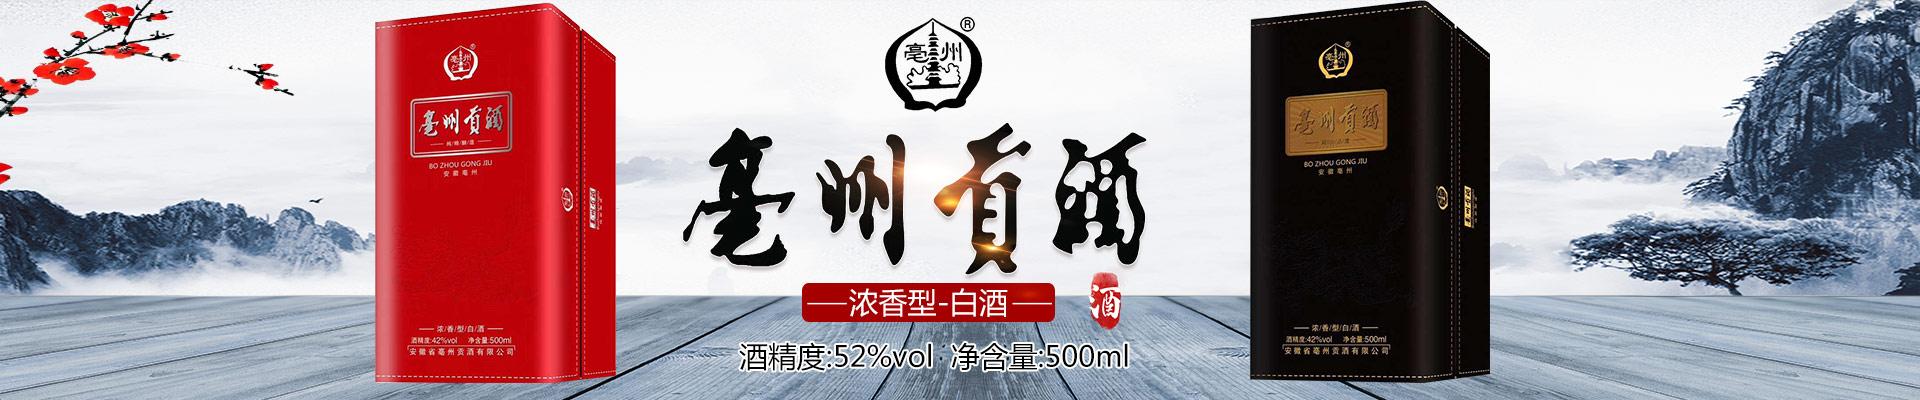 安徽省亳州贡酒有限公司金樽酒